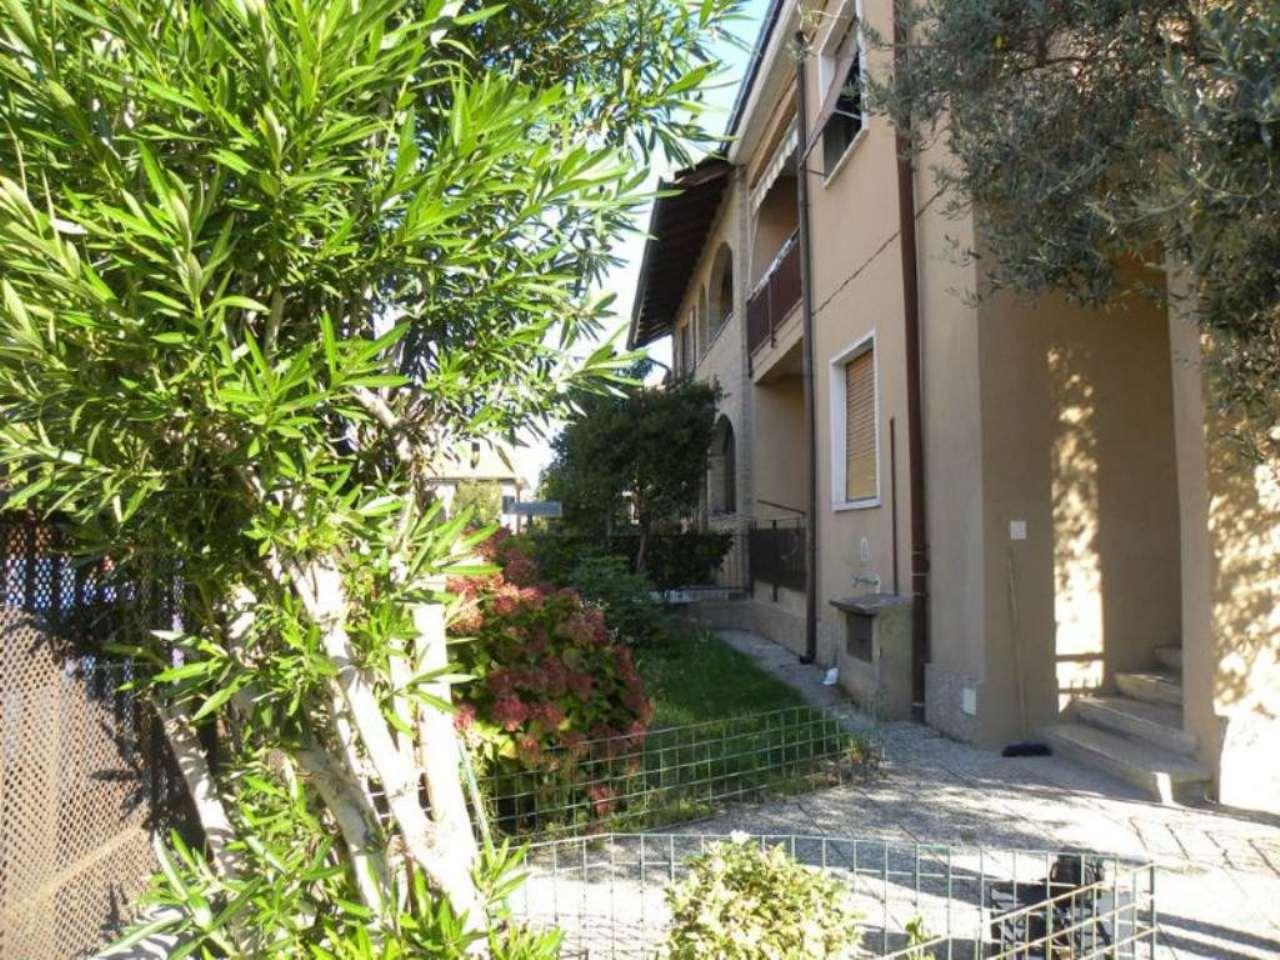 Appartamento in vendita a Desio, 3 locali, prezzo € 125.000 | CambioCasa.it